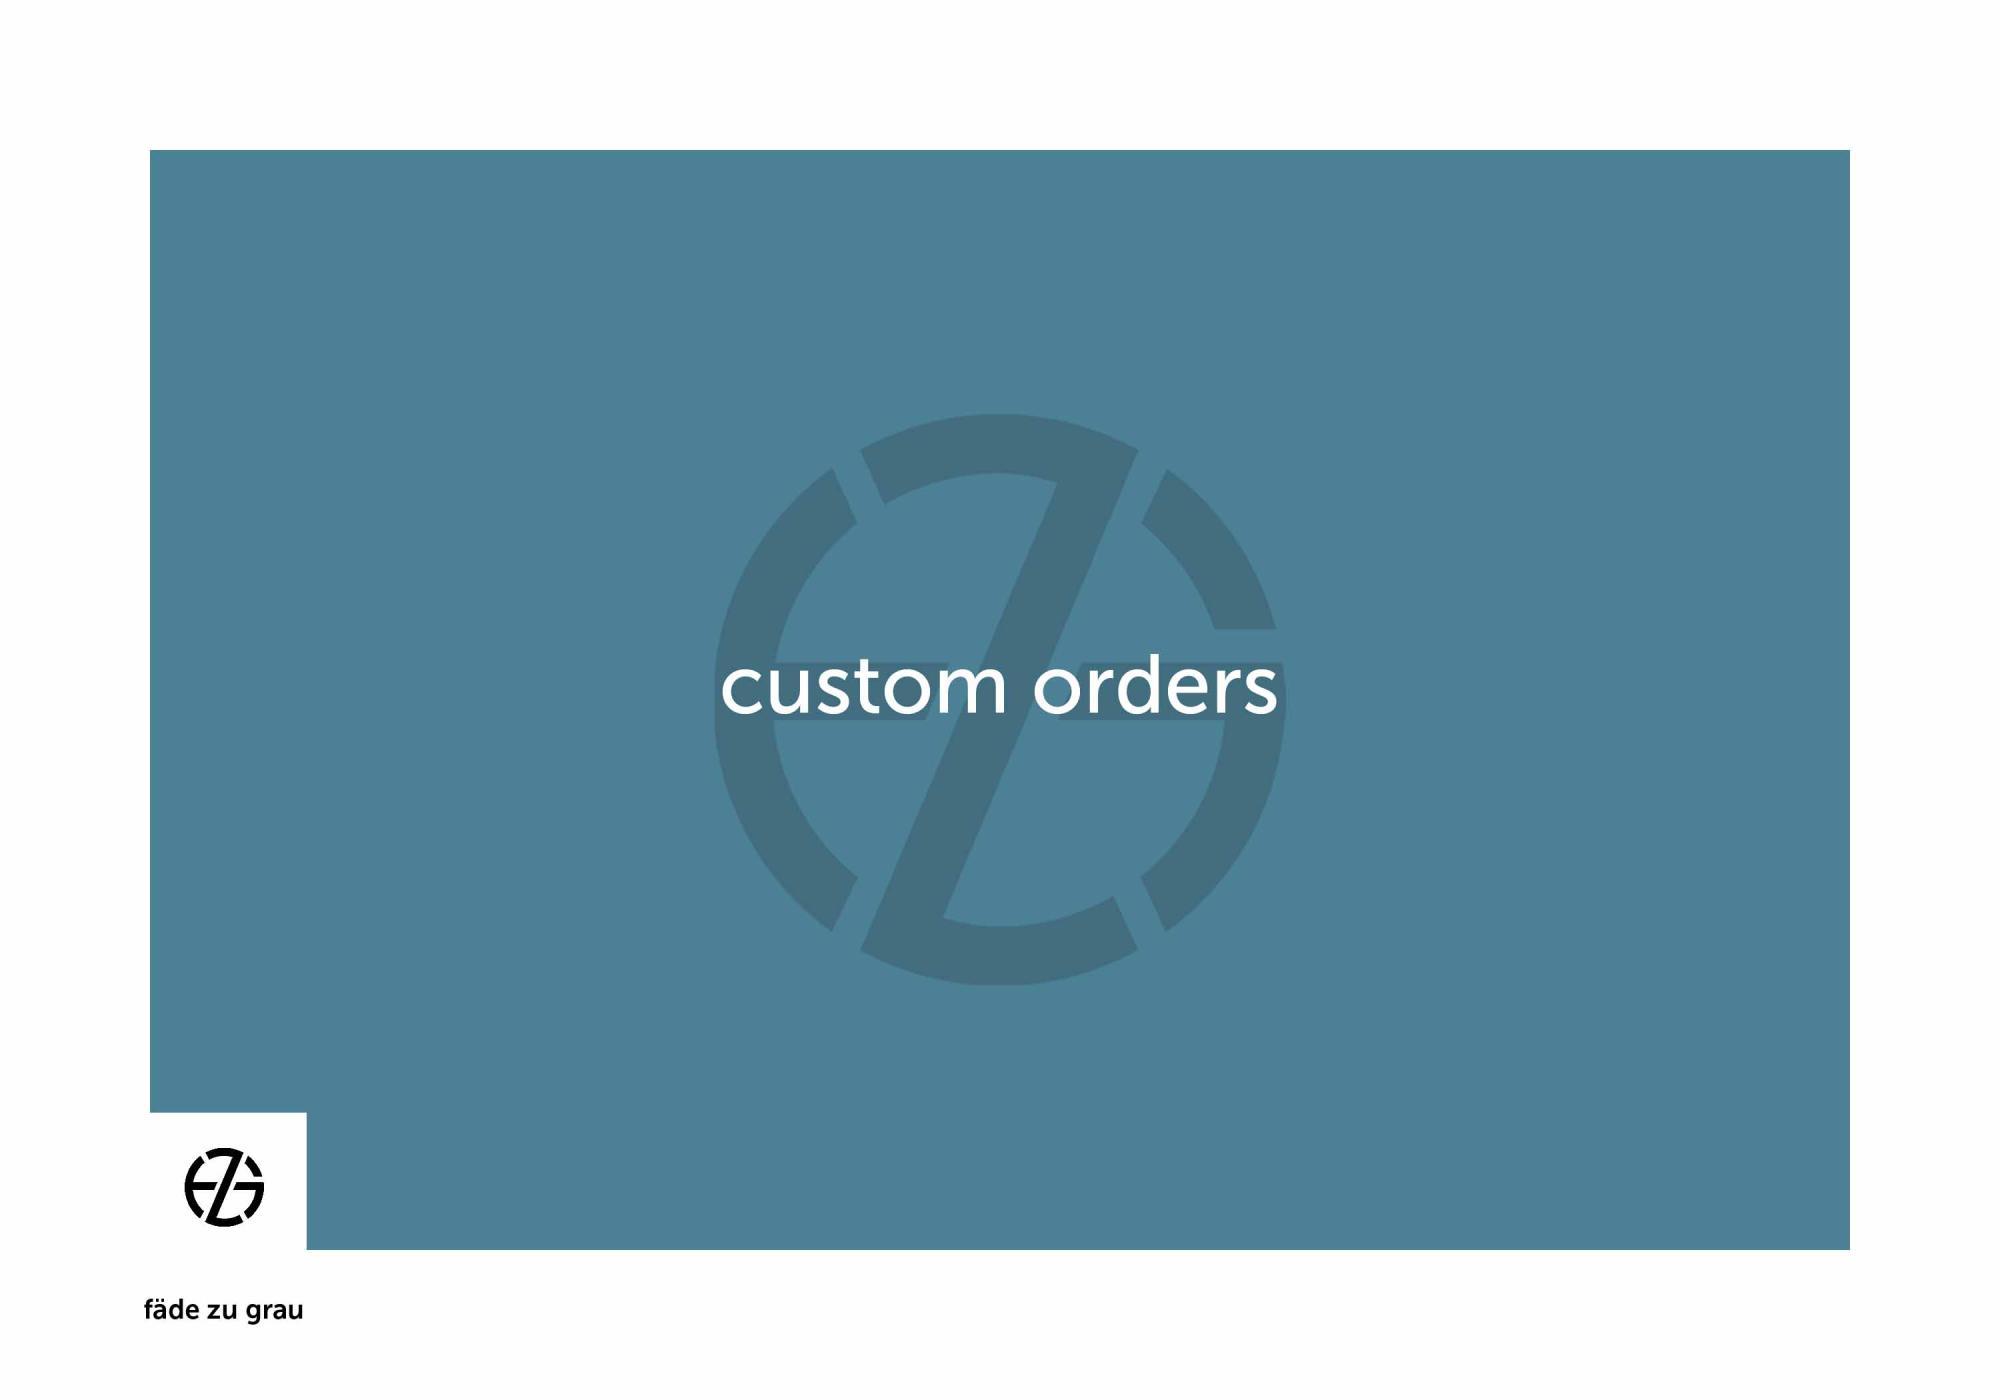 fäde zu grau | logo 'custom order'